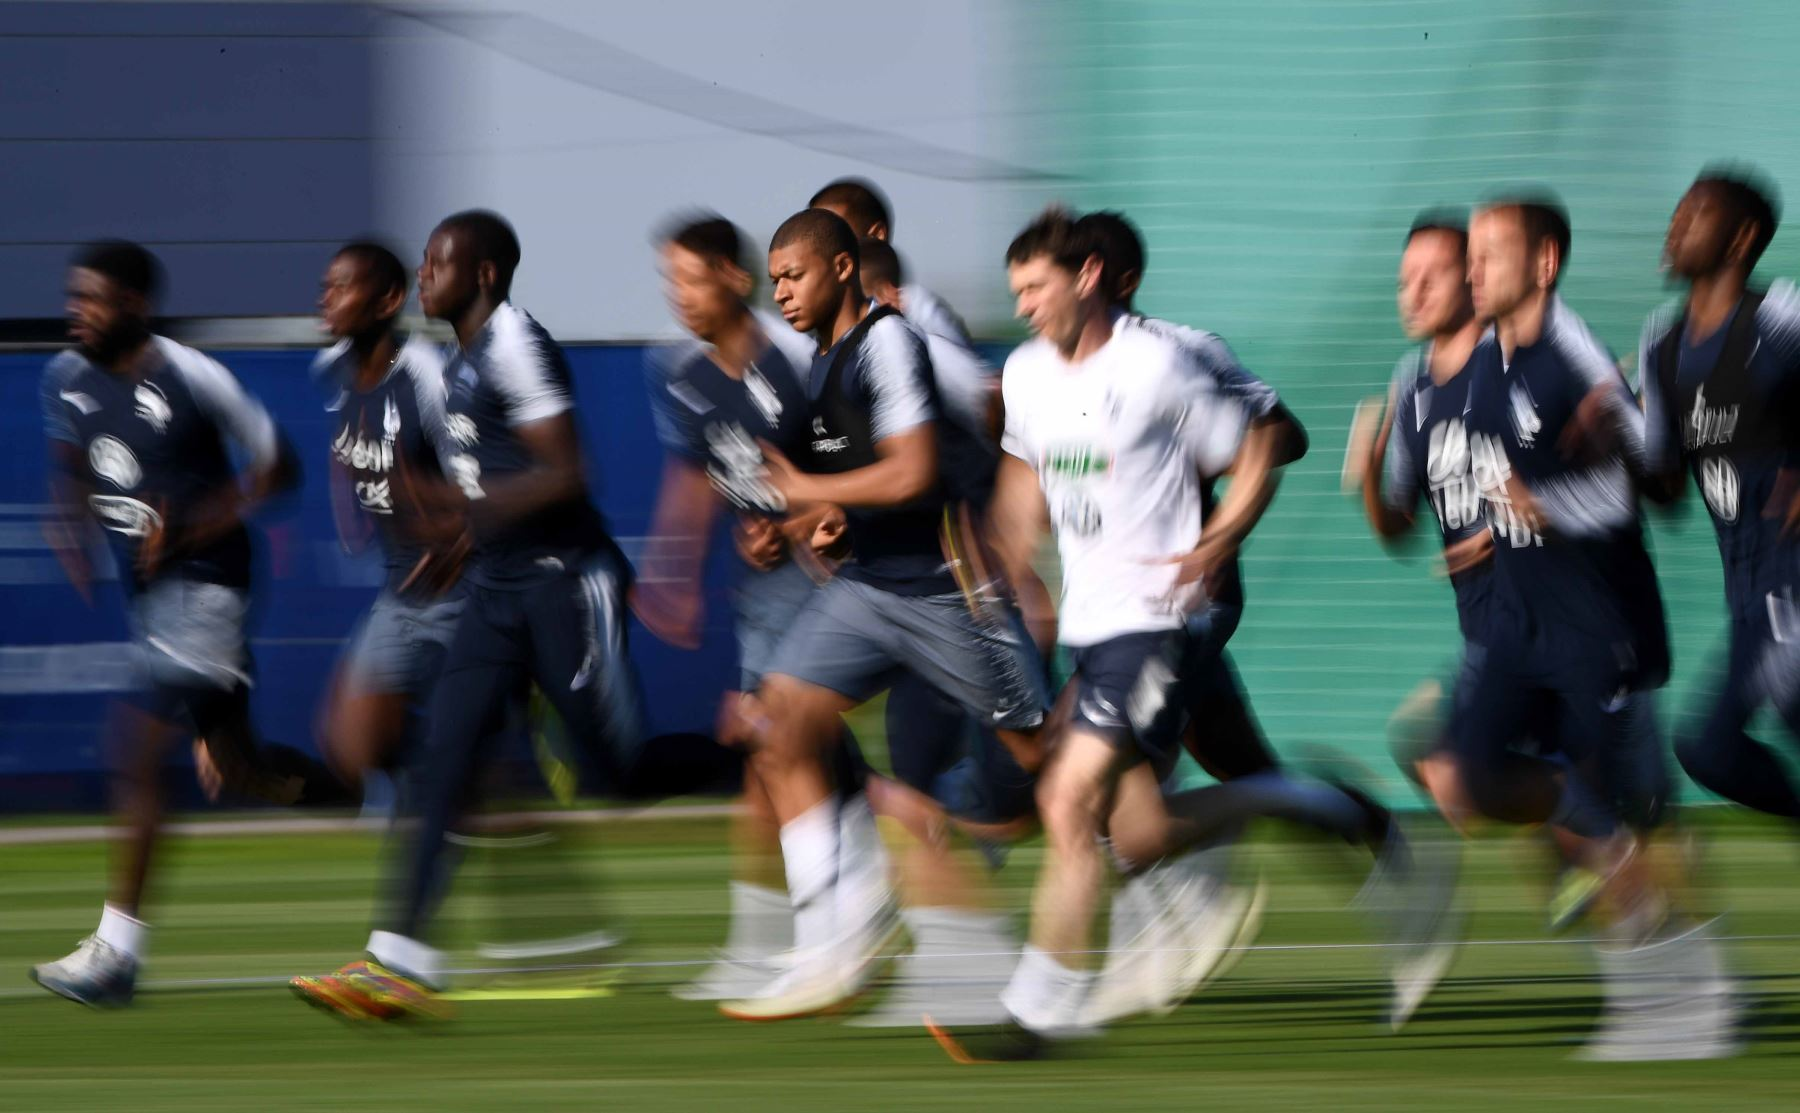 El alero de Francia Kylian Mbappe (C) corre con sus compañeros durante una sesión de entrenamiento, antes del partido de fútbol del Grupo C de la Copa Mundial Rusia 2018 contra Perú. Foto: AFP